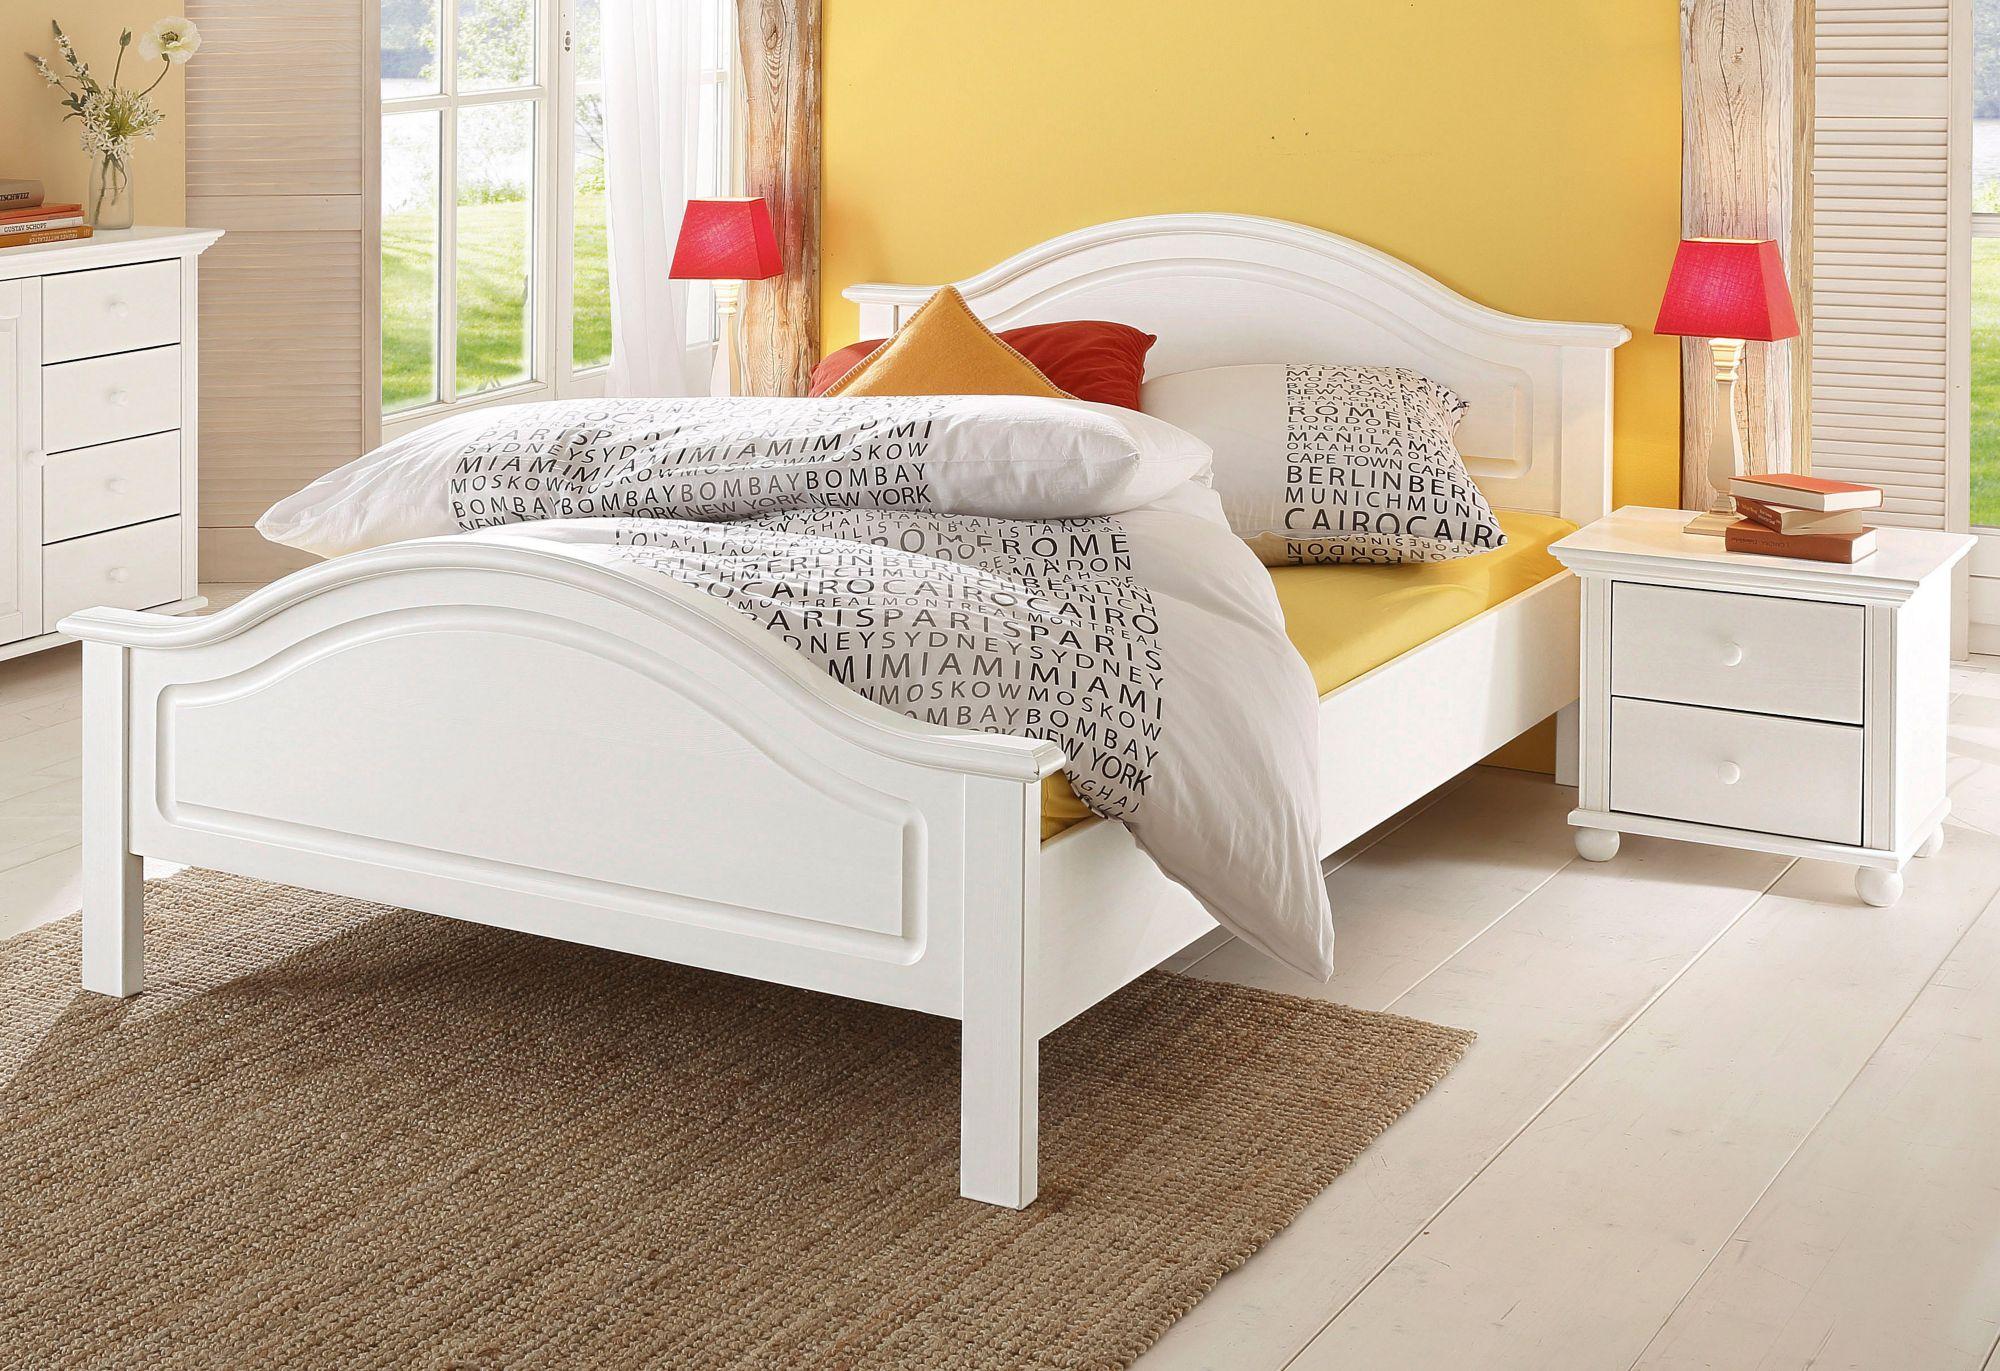 bett ulm home affaire schwab versand kleiderschr nke. Black Bedroom Furniture Sets. Home Design Ideas